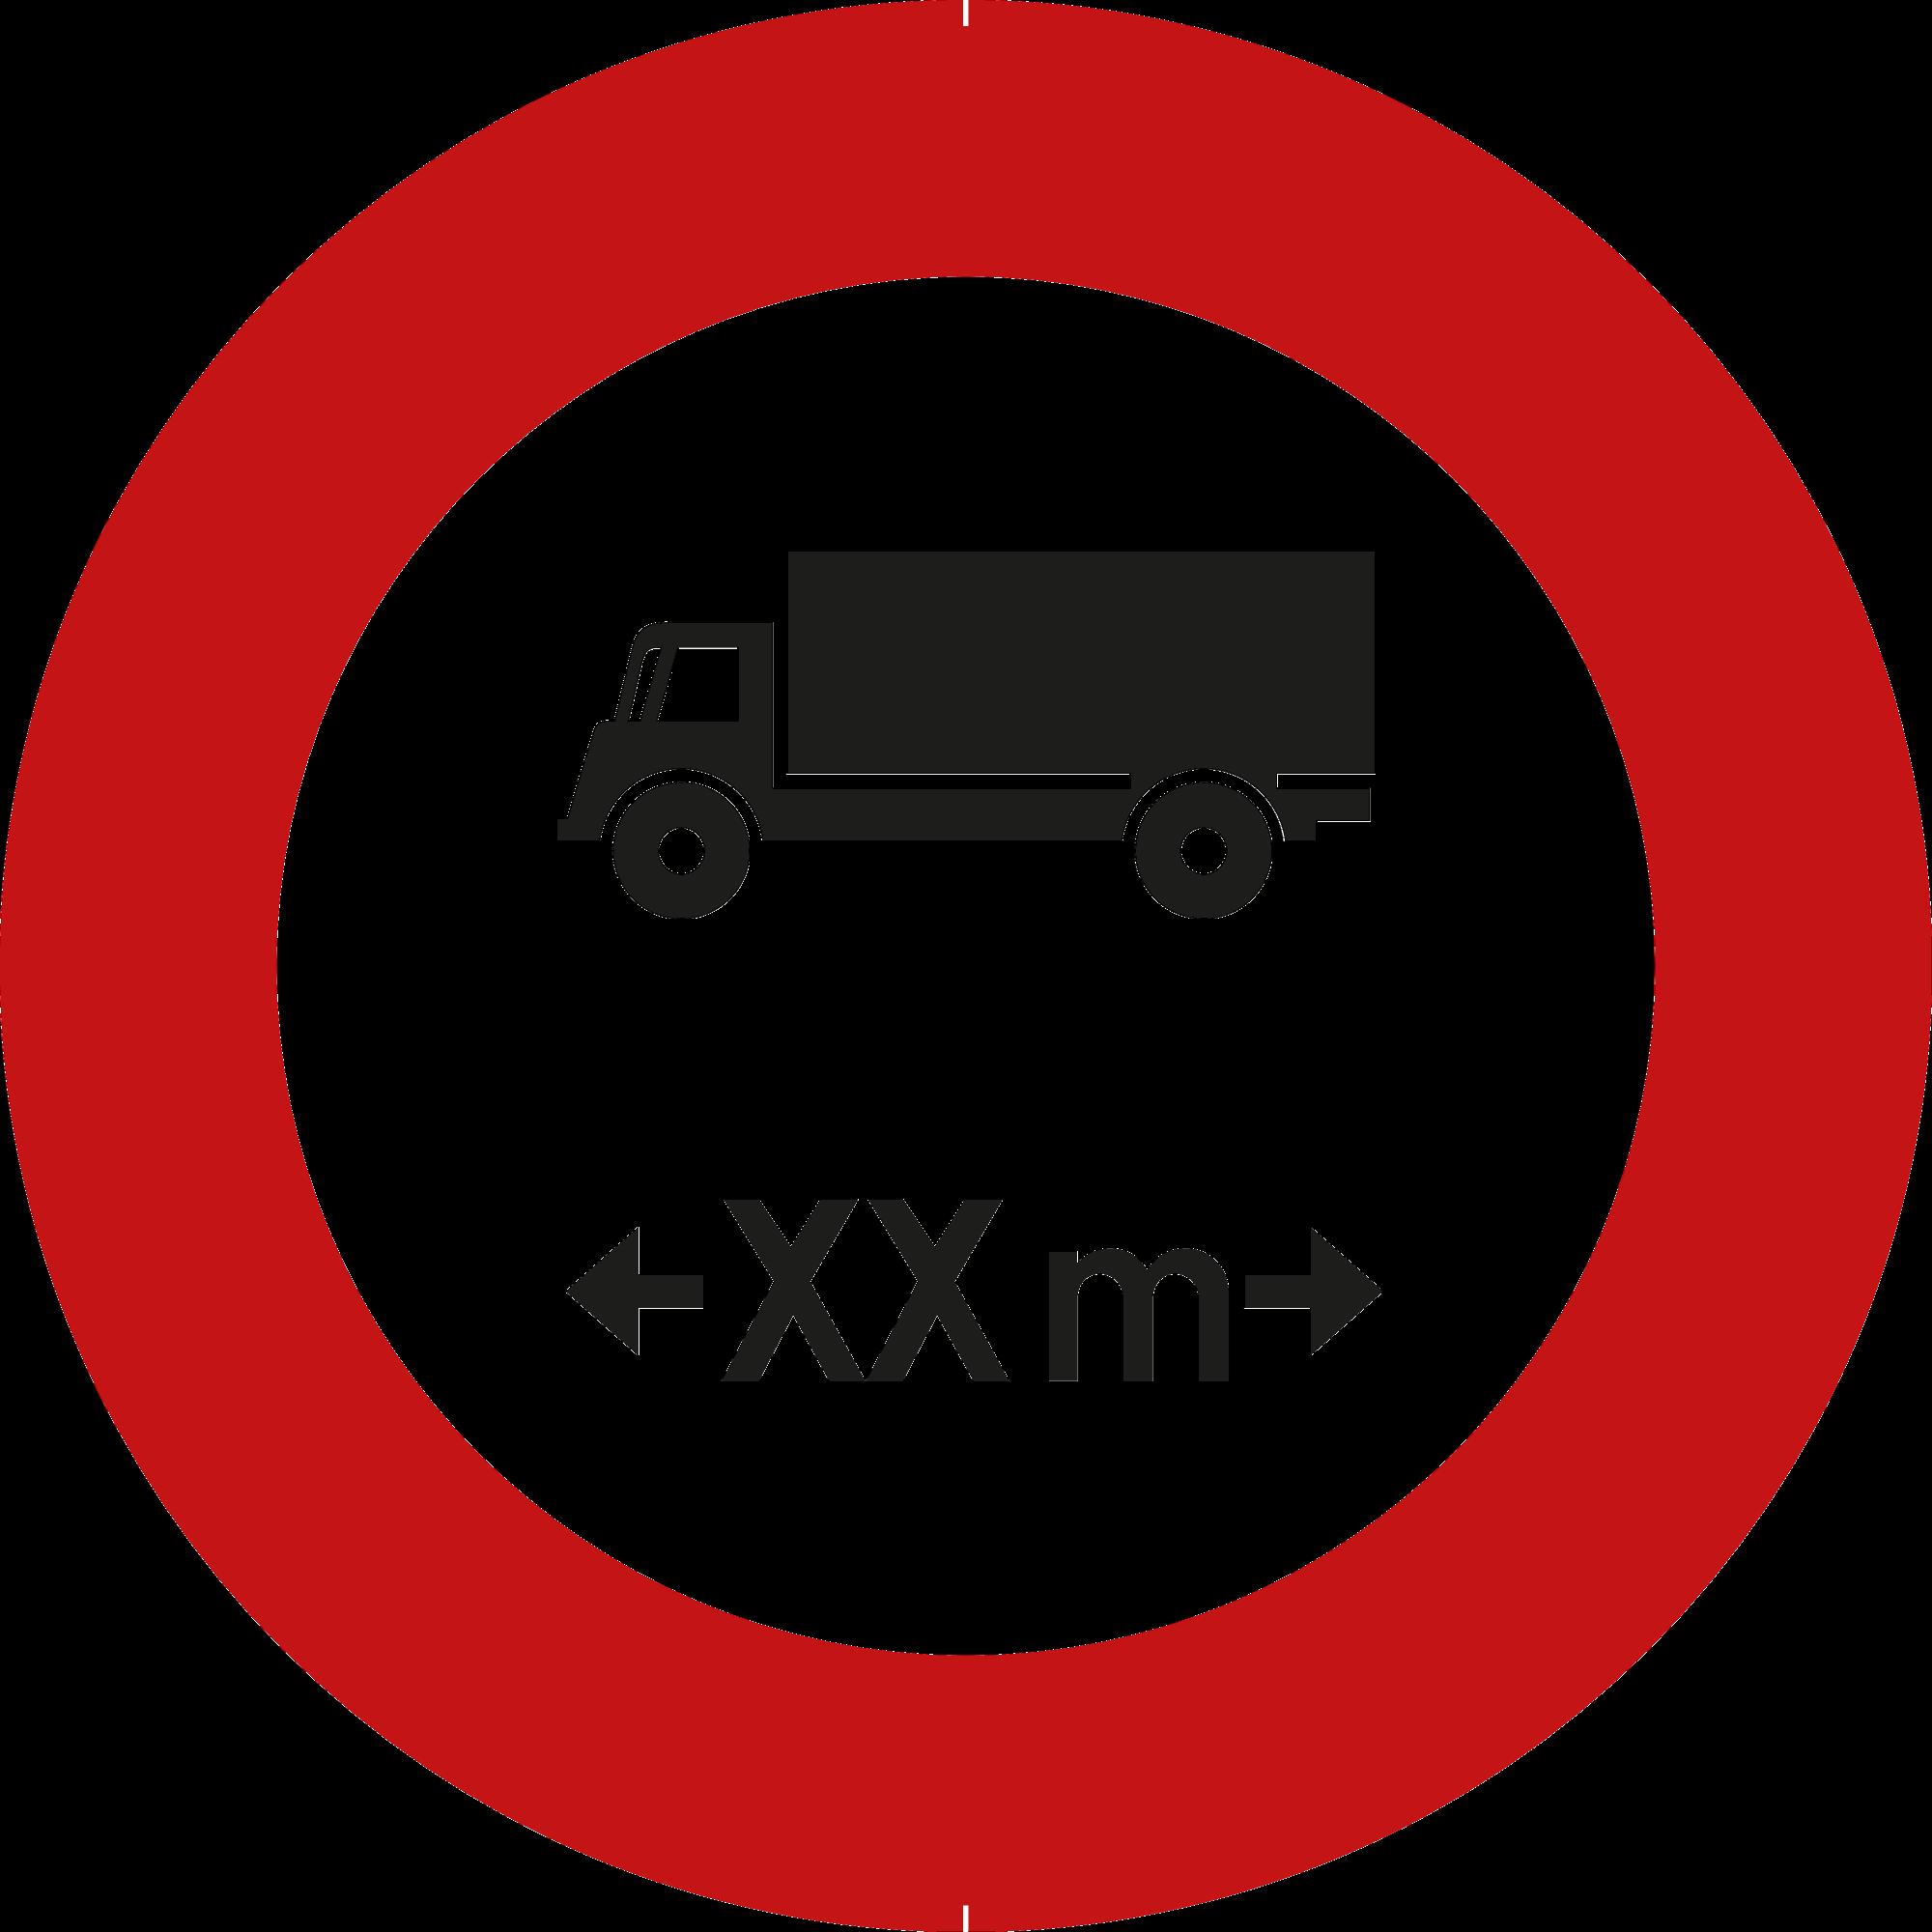 Signface - C25 - klasse  I - Ø 400 mm